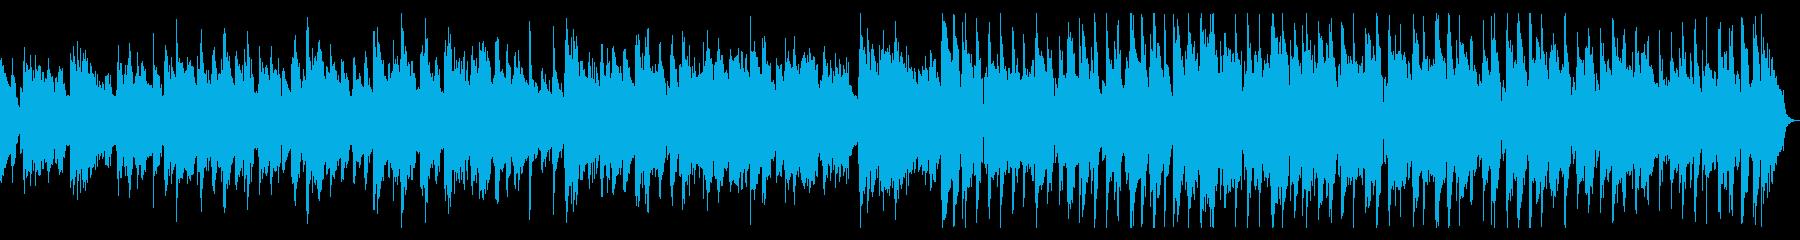 ピアノのしっとりバラードジャズの再生済みの波形